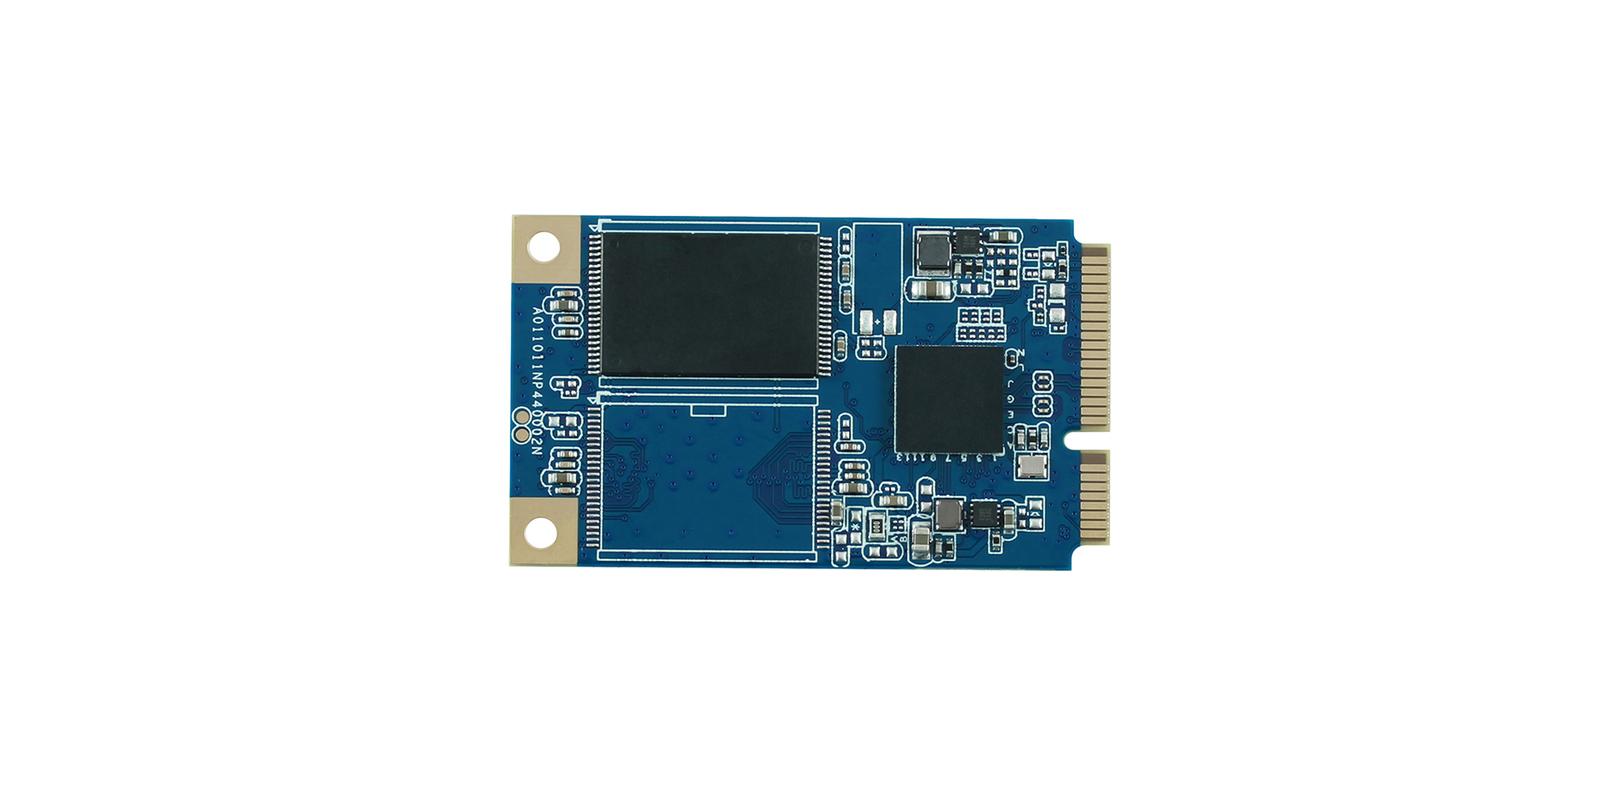 GOODRAM M4000T SATA III mSATA SSD